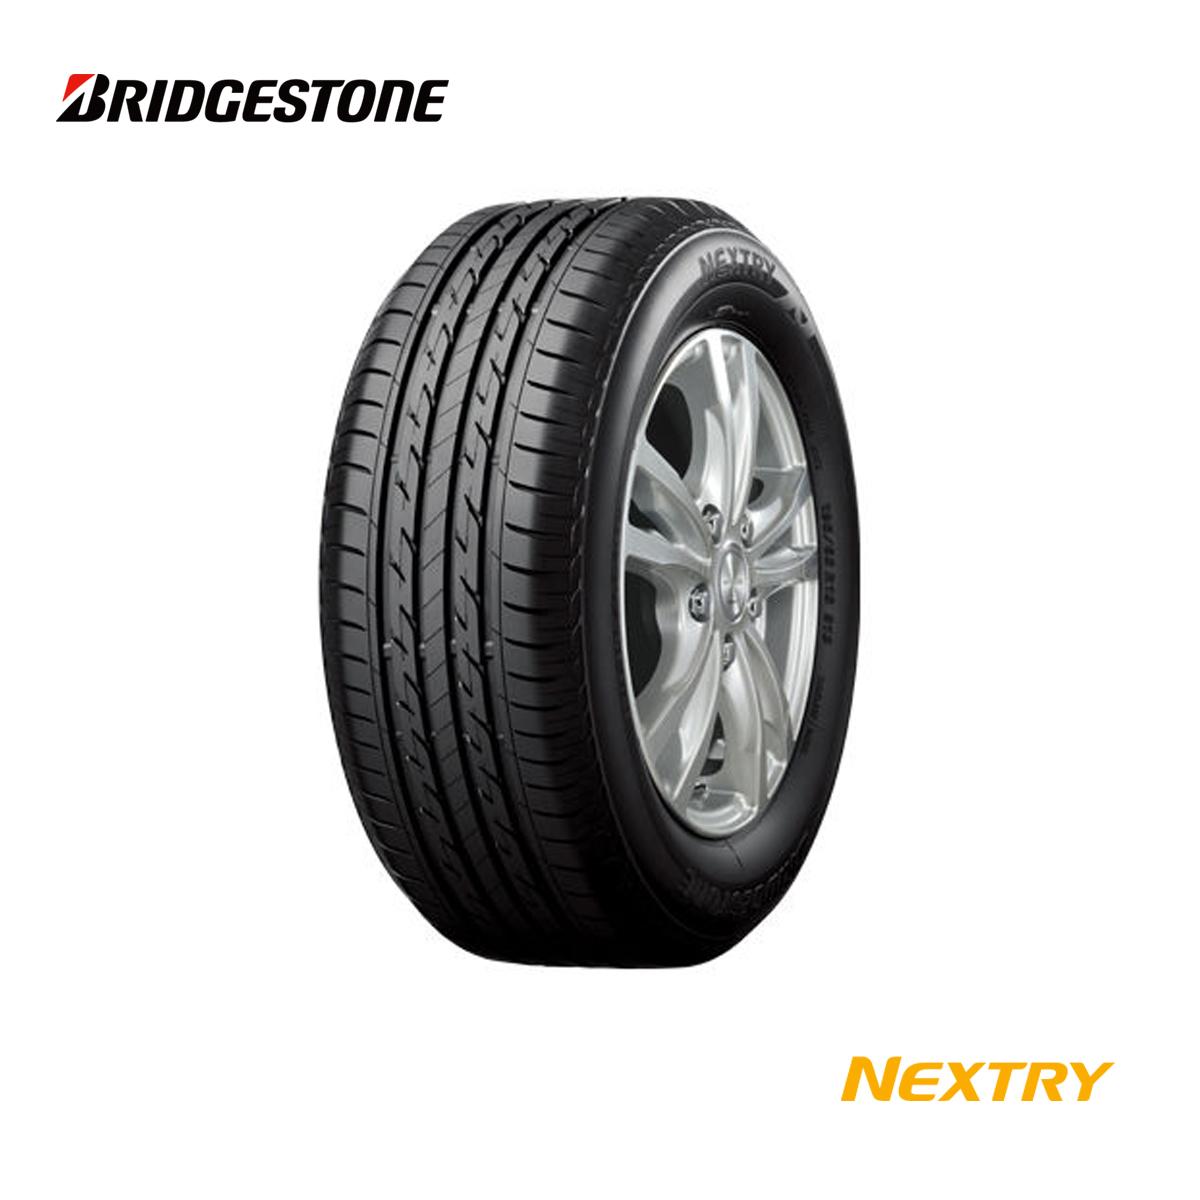 ブリヂストン 15インチ タイヤ 195/65R15 195 65 15 91S ネクストリー サマータイヤ 1本 91S 低燃費 エコ 夏 サマー タイヤ BRIDGESTONE NEXTRY